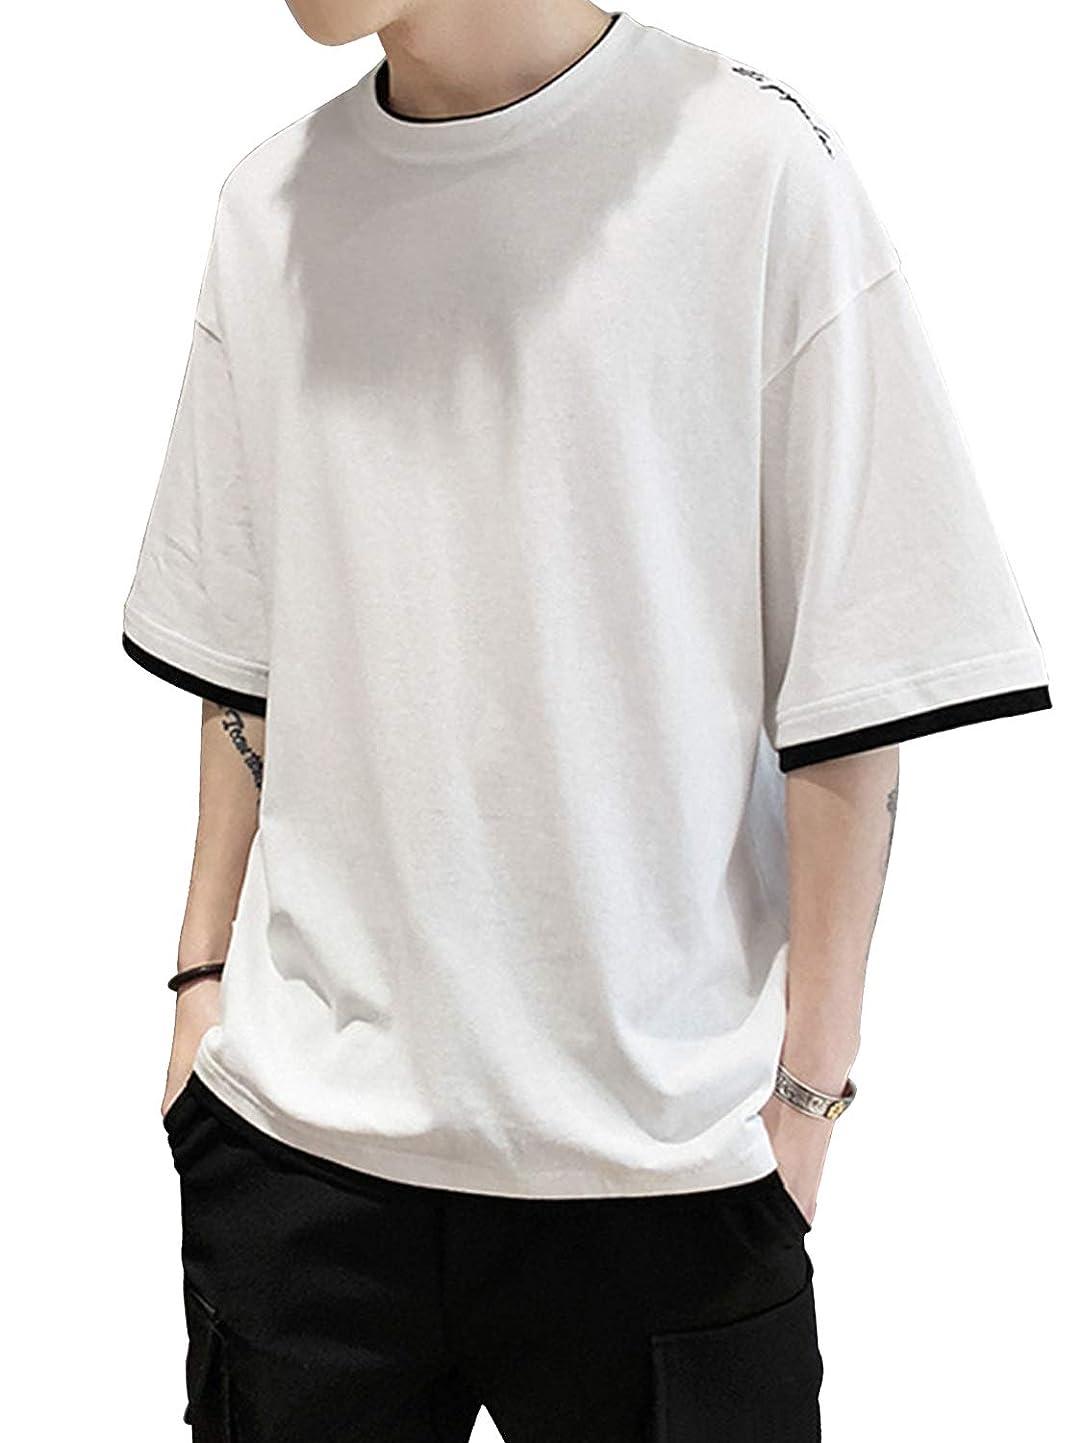 モス隙間予想するVINMORI (ヴィンモリ) Tシャツ メンズ 半袖 tシャツ 五分袖 七分袖 メンズ tシャツ スポーツ 吸汗速乾 汗染み防止 軽い 柔ら 快適な 丸首 かい ゆったりシャツ 夏服 伸縮性 涼しい カジュアル ファション 薄手